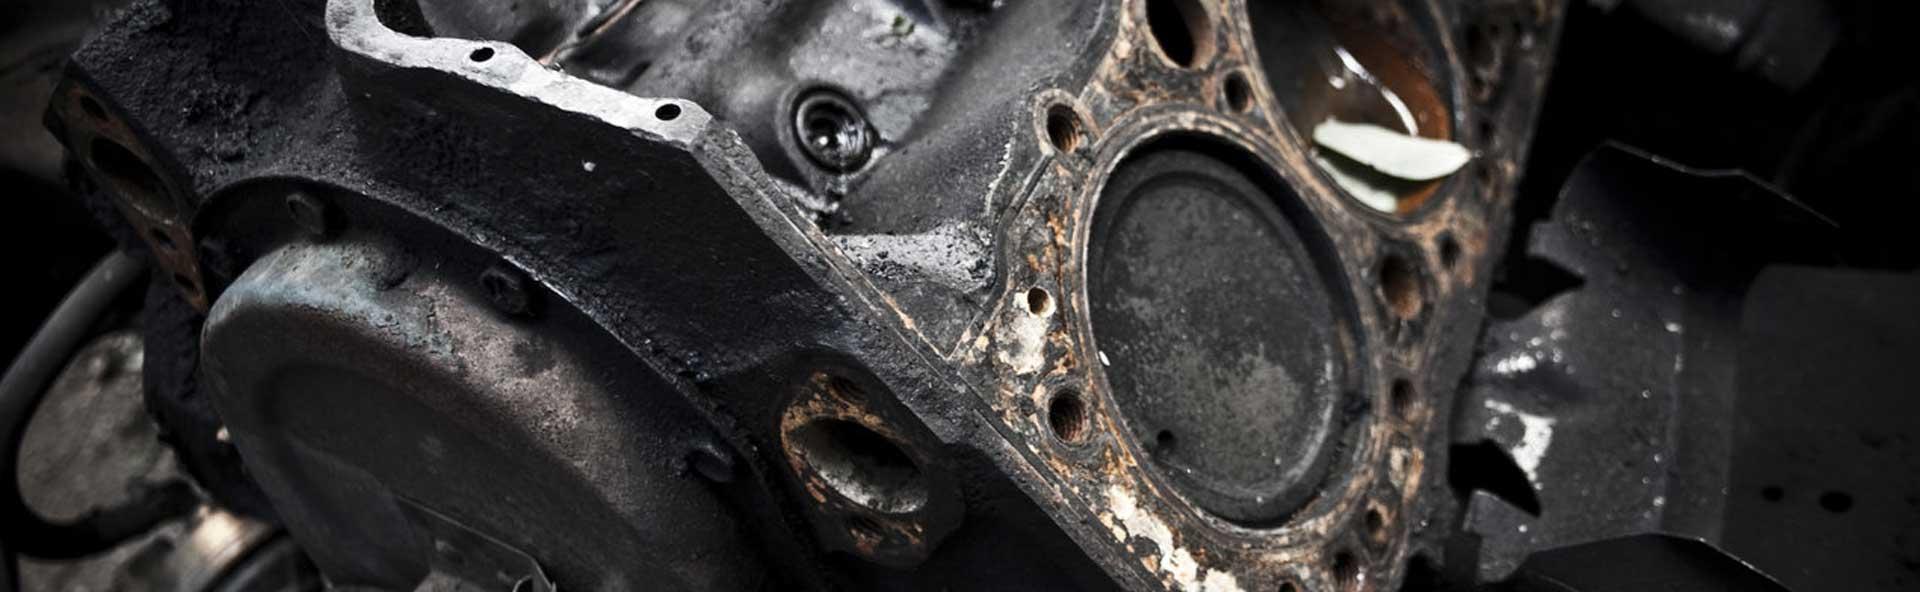 Repairing the car